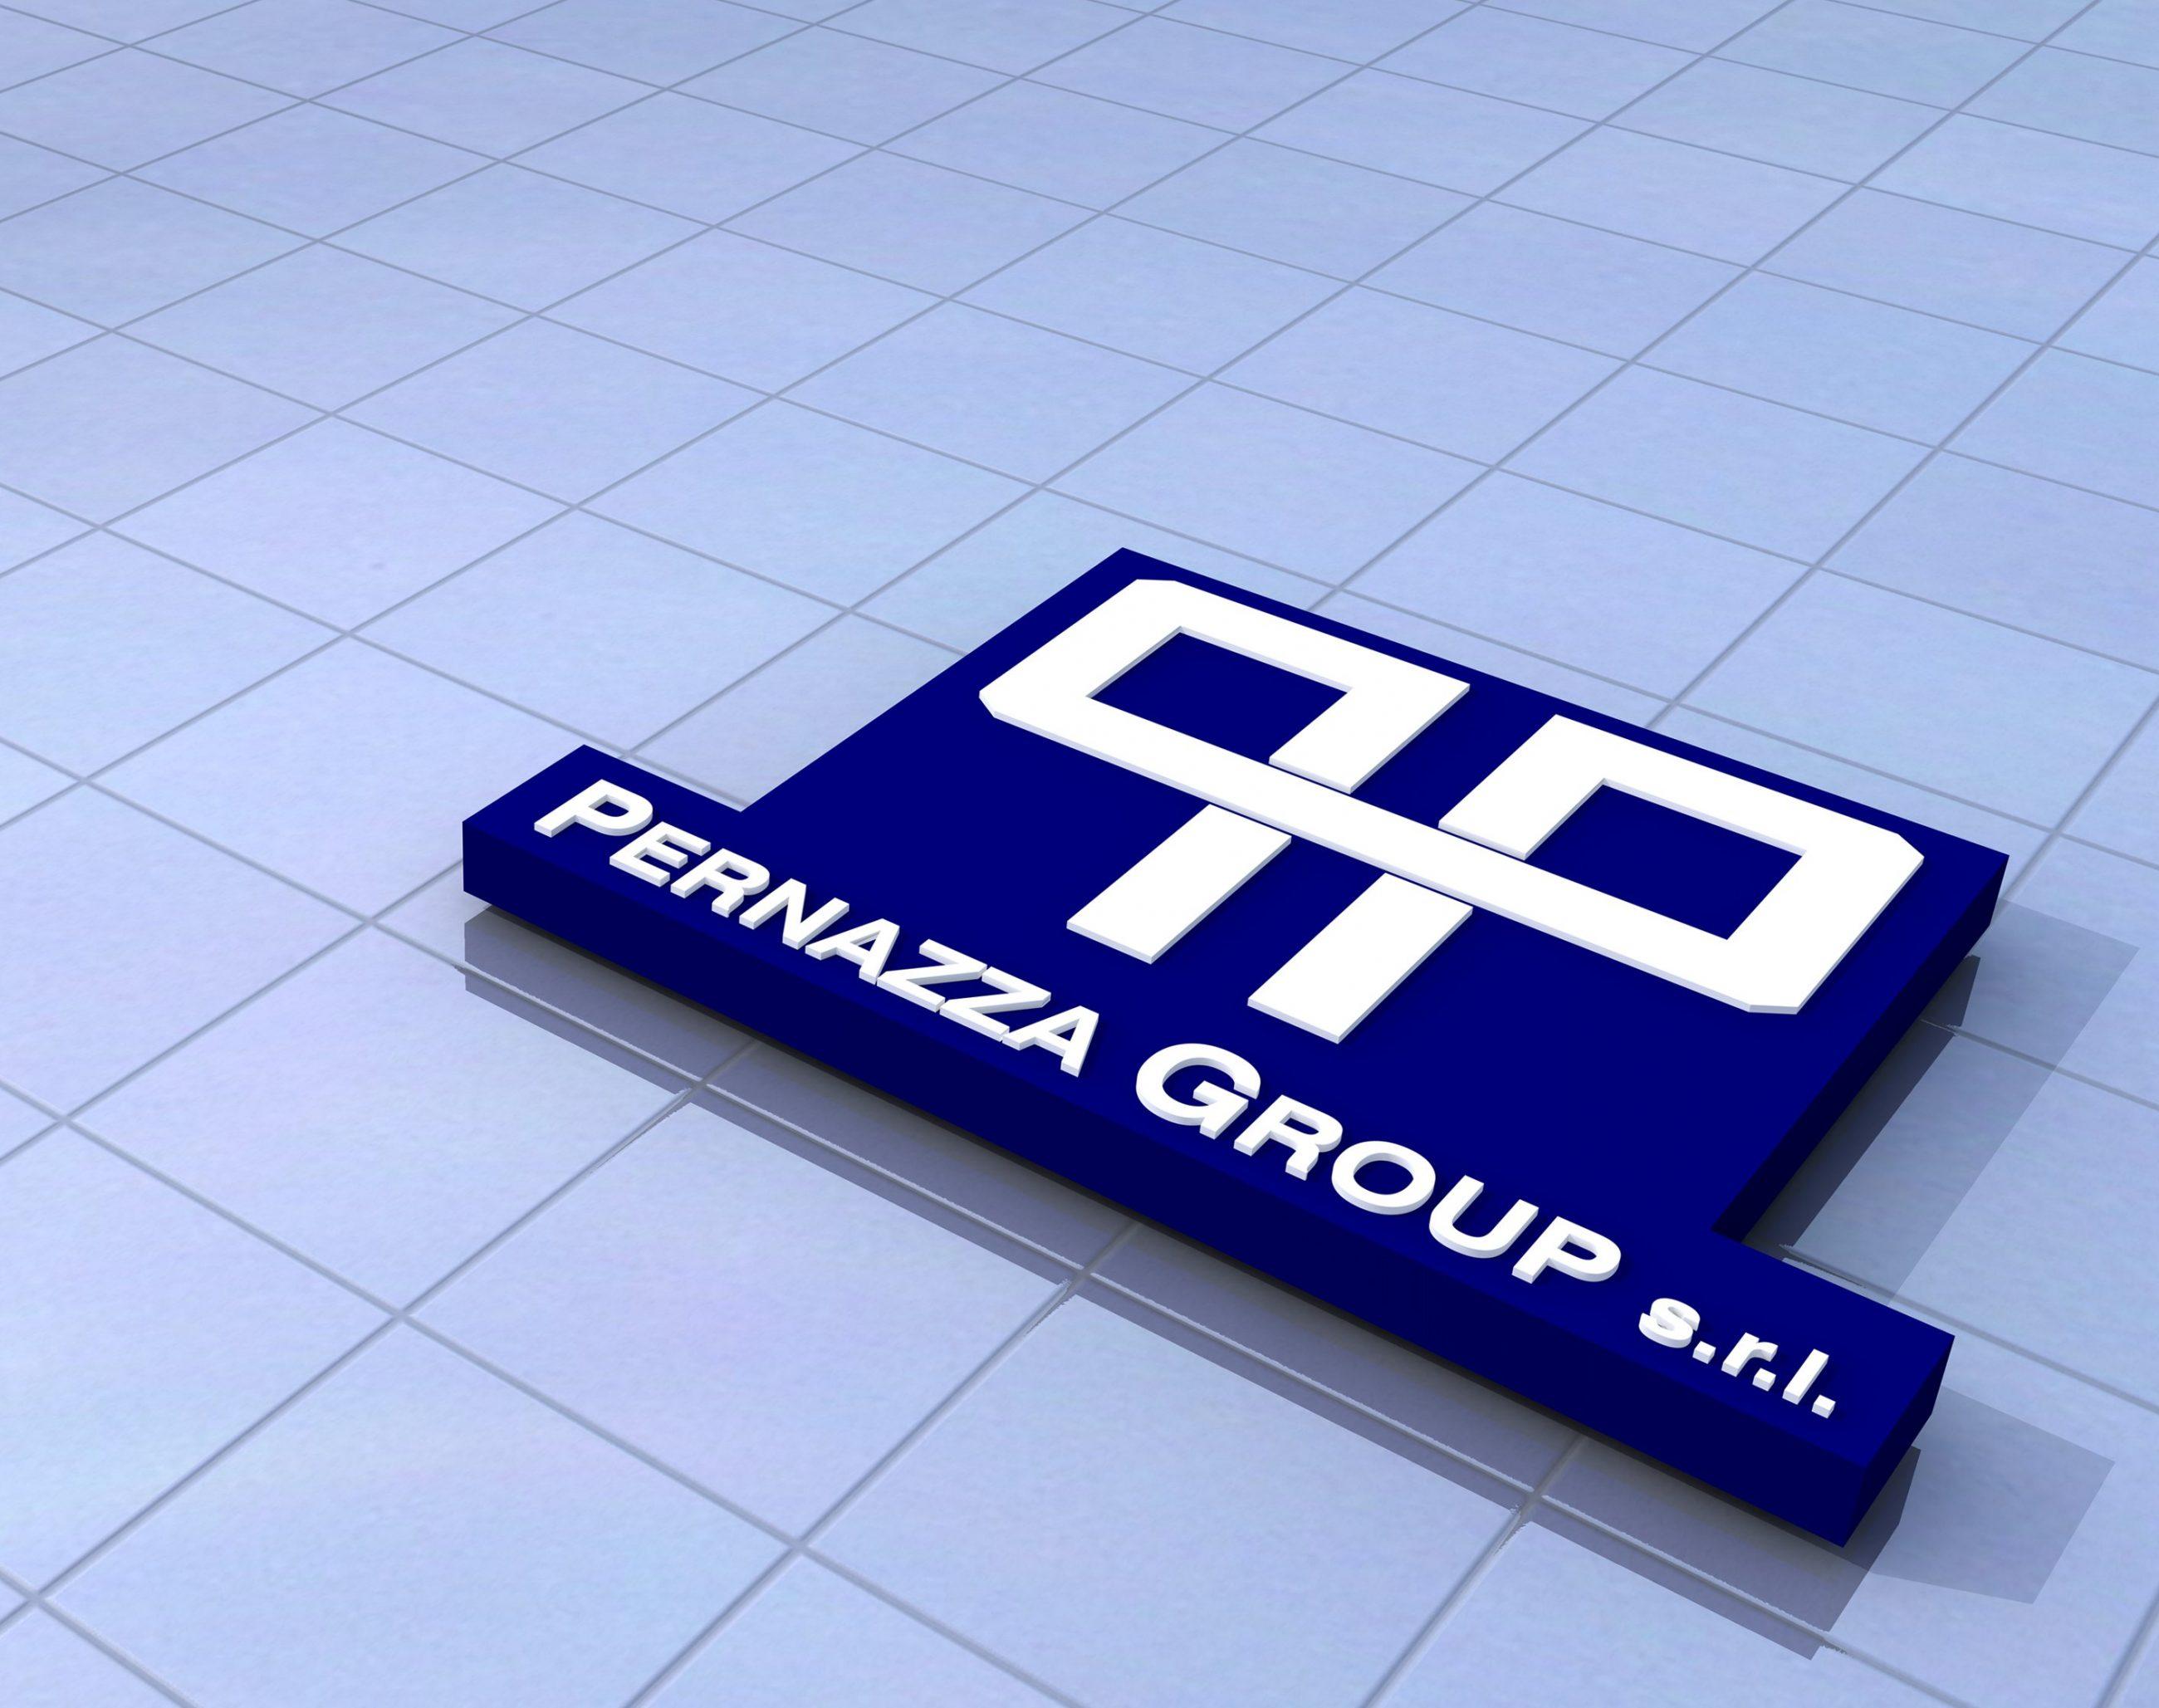 L'Azienda Pernazza Group S.r.l. è lieta di dare il benvenuto nel suo rinnovato Web Site - Qui è possibile conoscere e apprezzare le doti umane e professionali che hanno fatto della Pernazza Group Srl un'Azienda di riferimento sul territorio nazionale